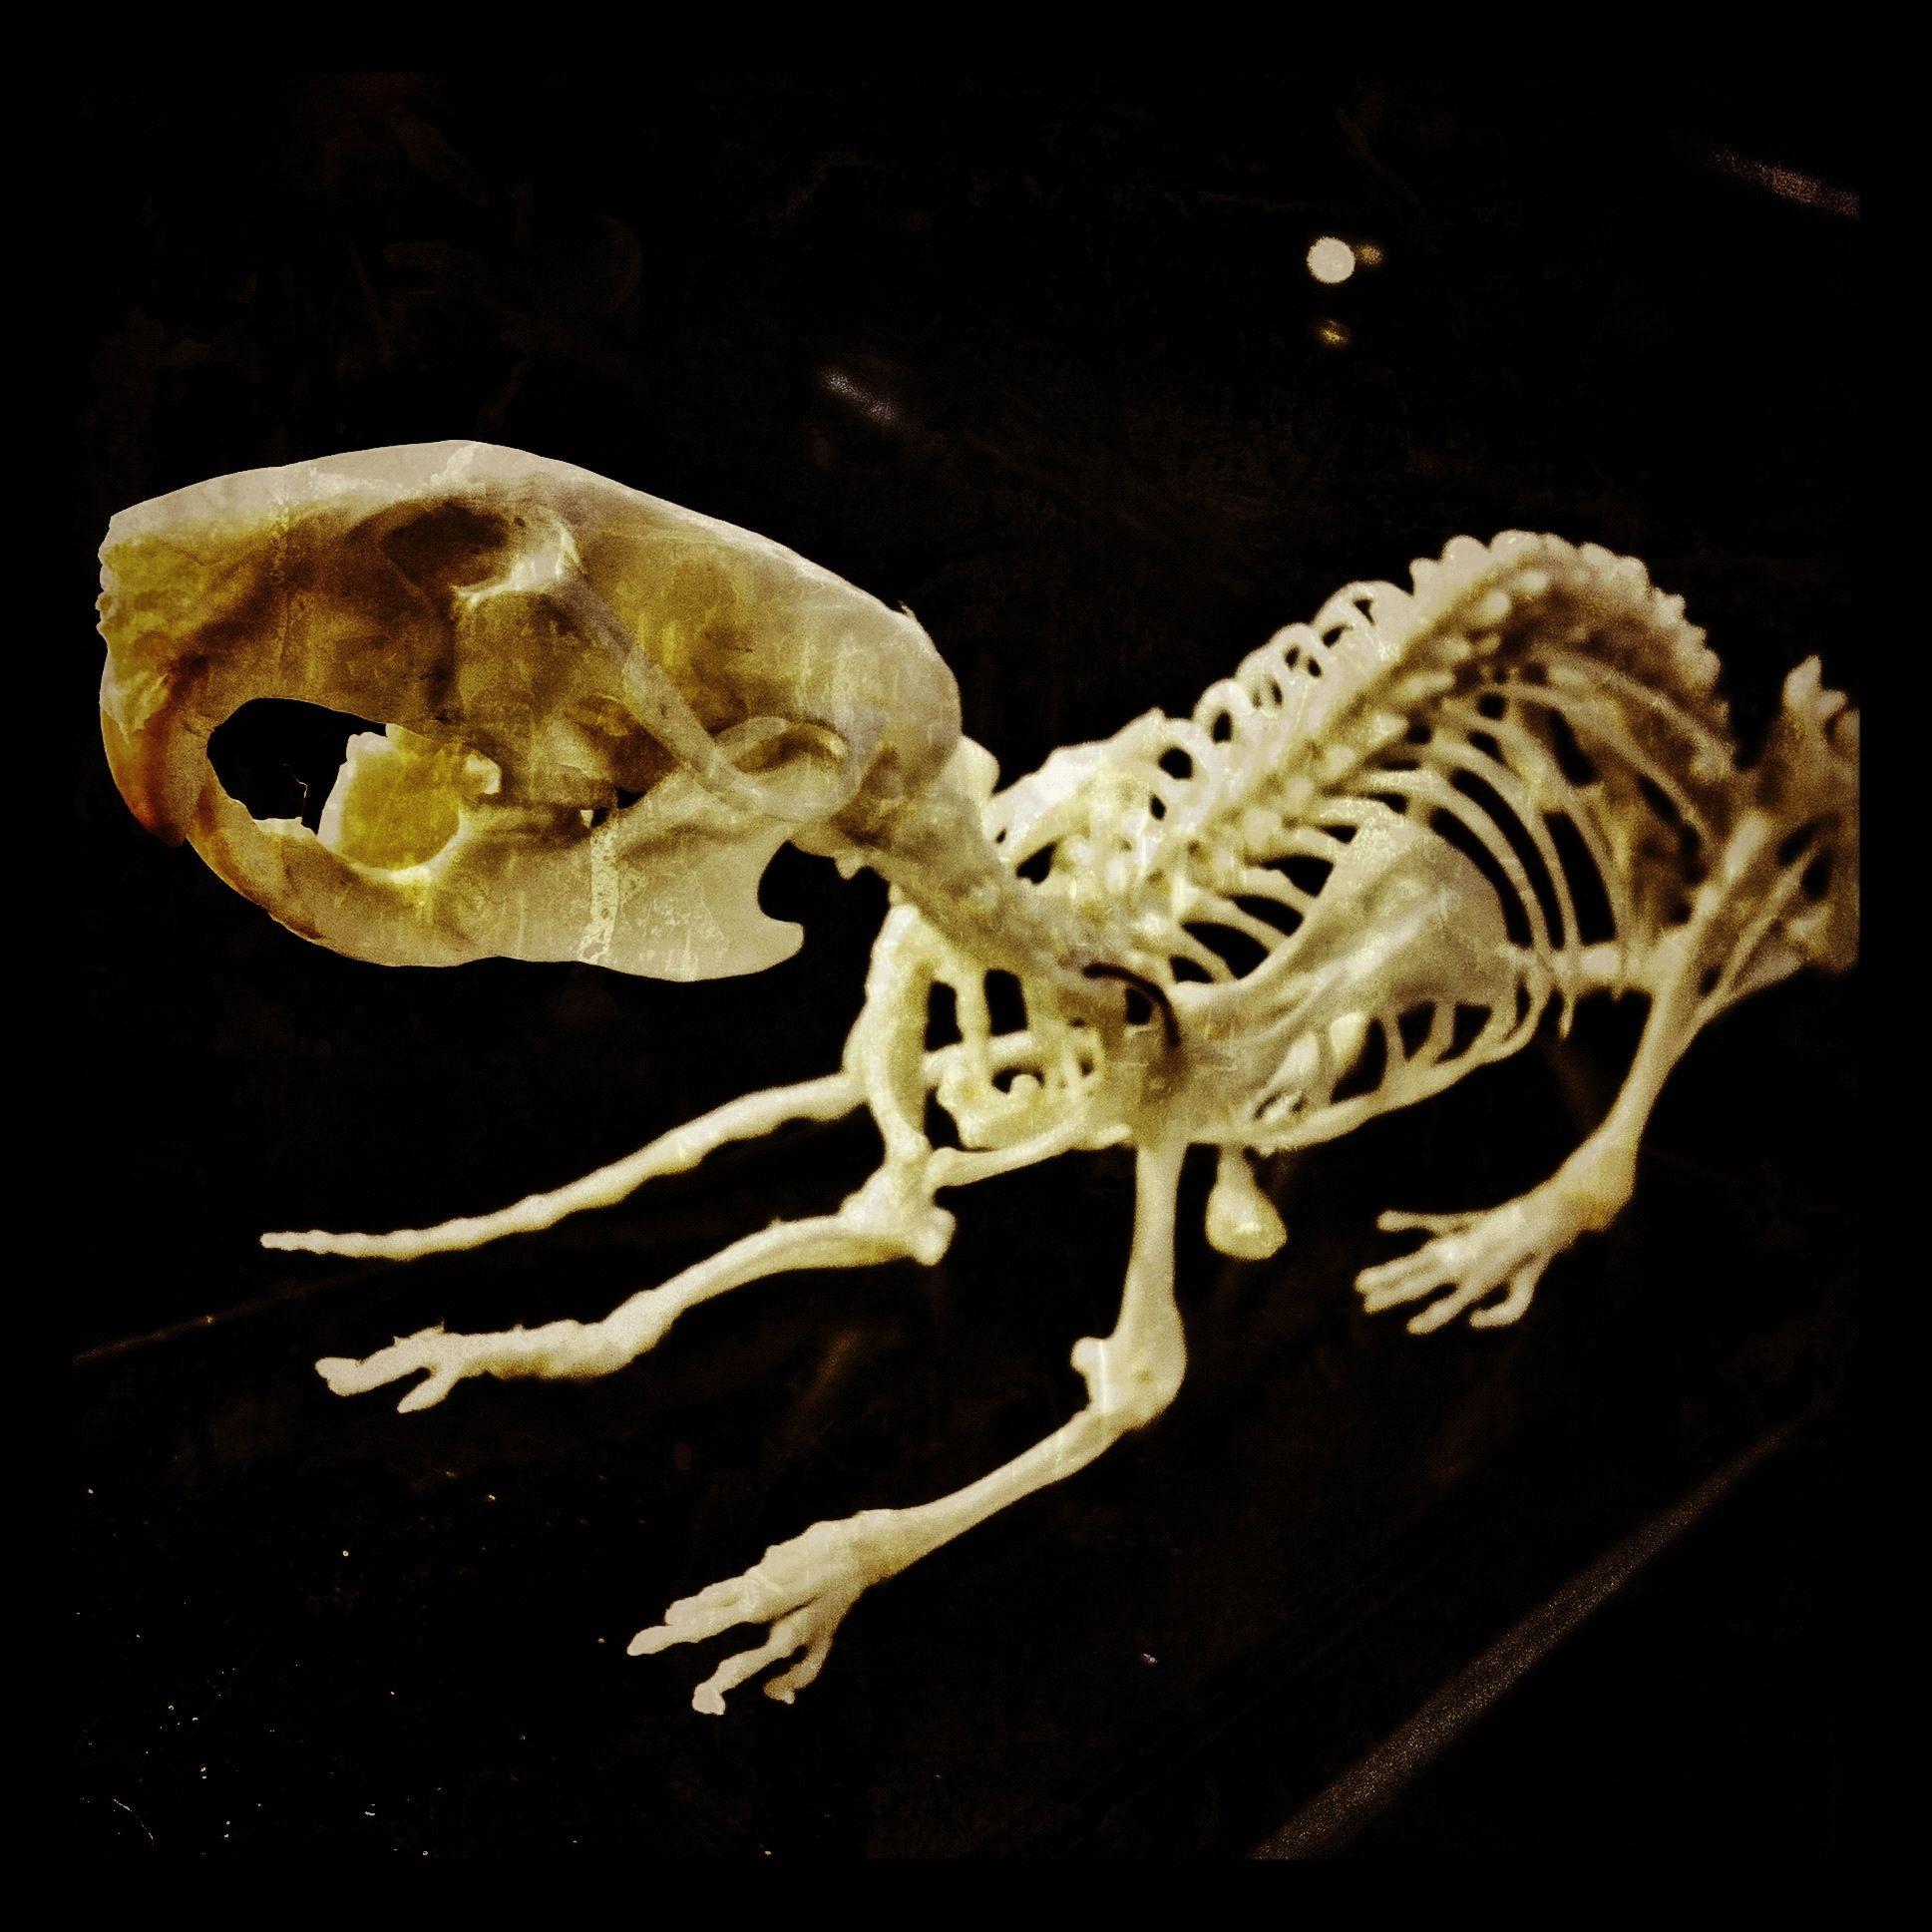 составить интересную скелет хомяка картинки ползунка поля